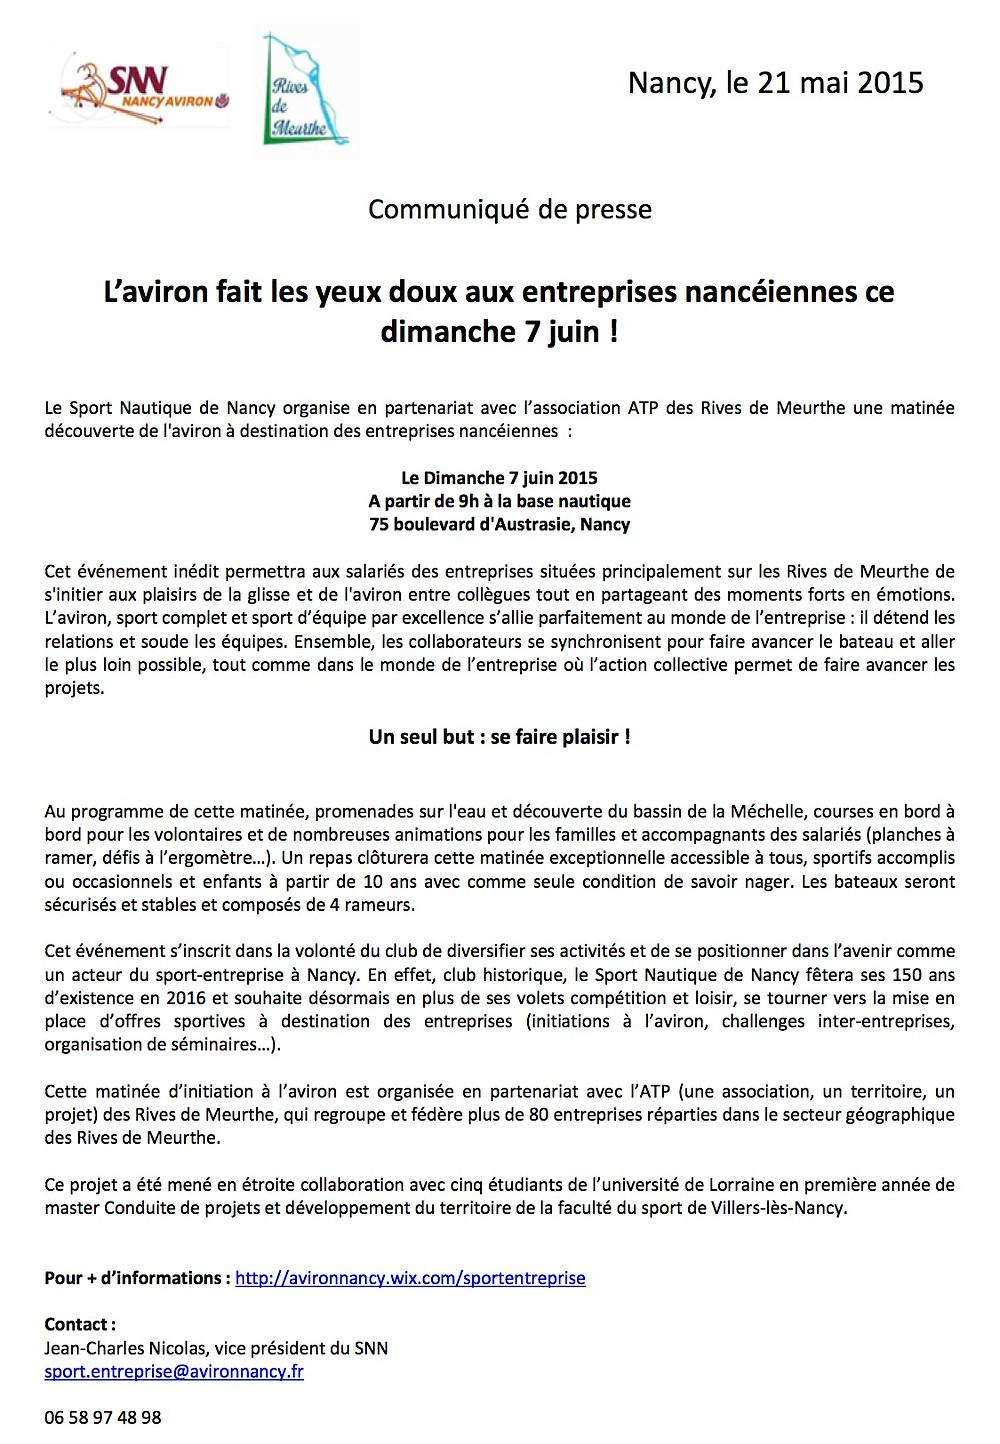 communiqué_de_presse.jpg